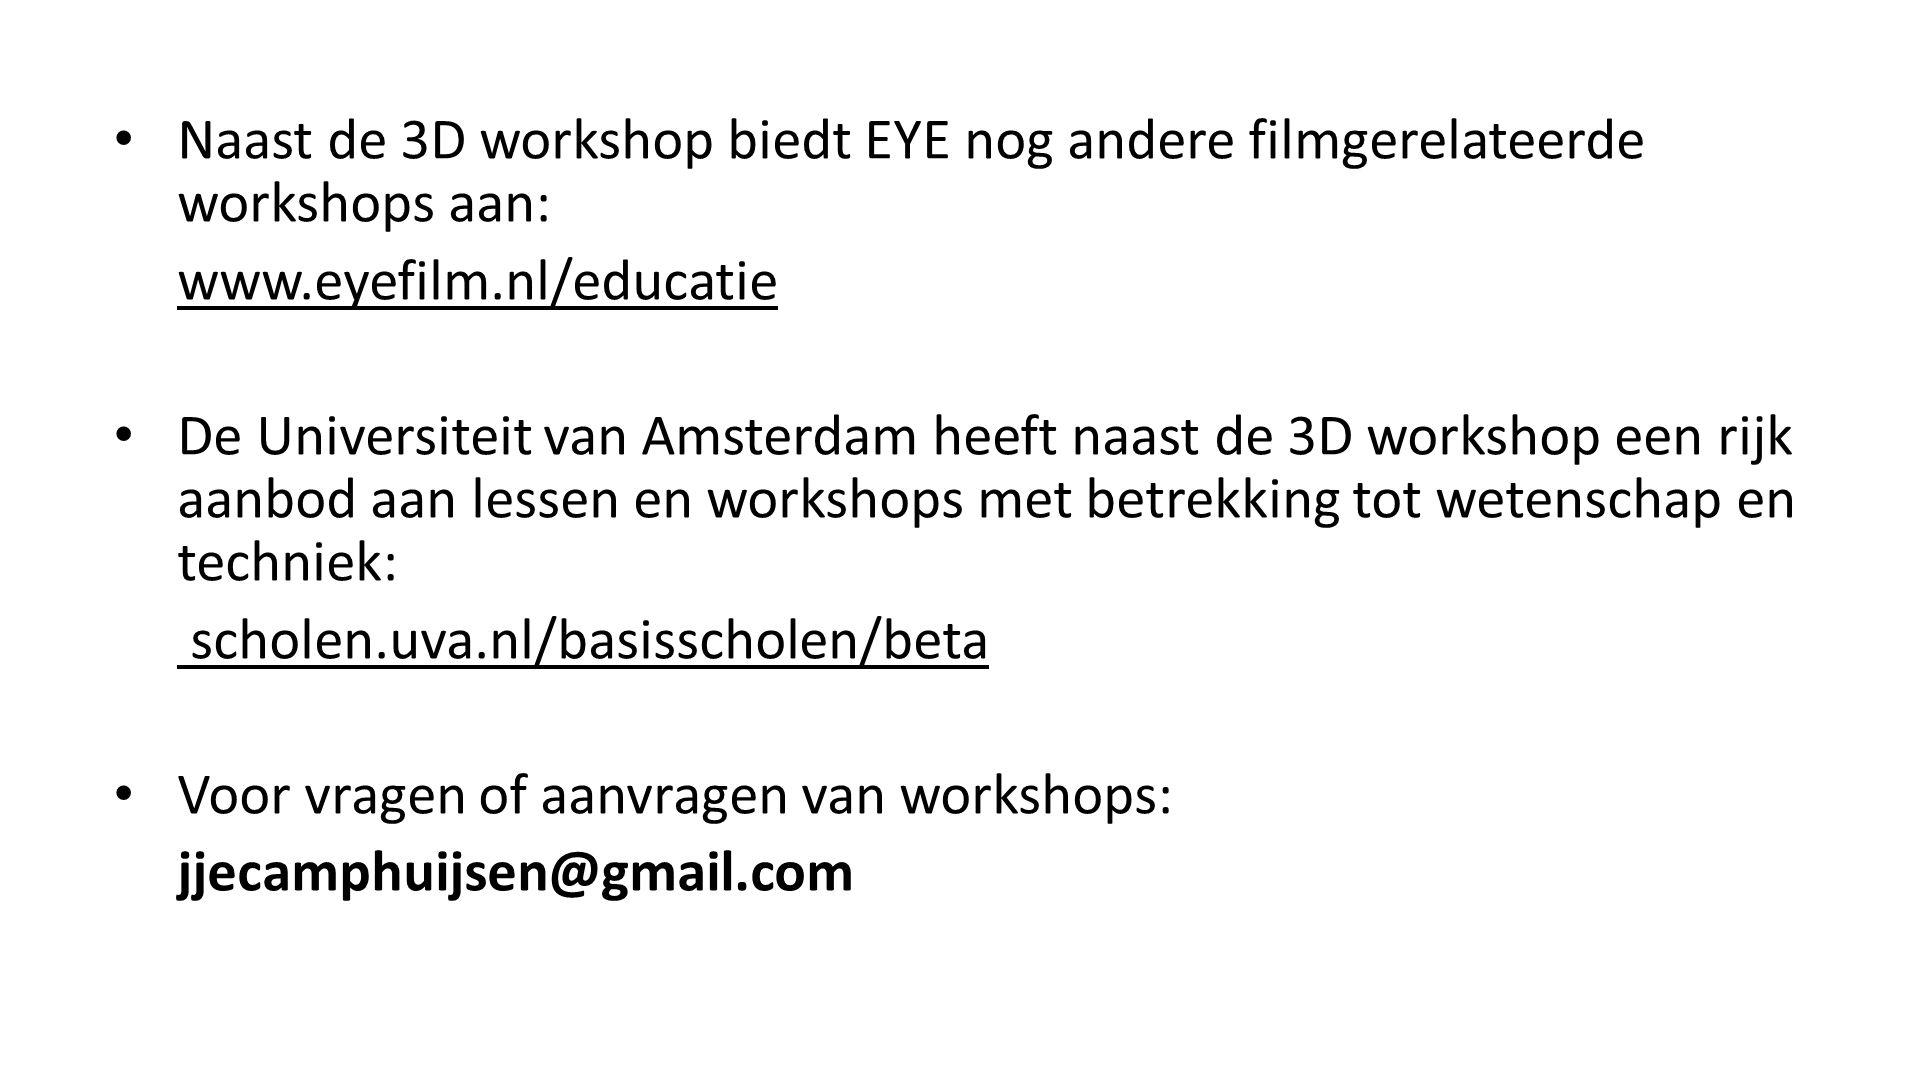 Naast de 3D workshop biedt EYE nog andere filmgerelateerde workshops aan: